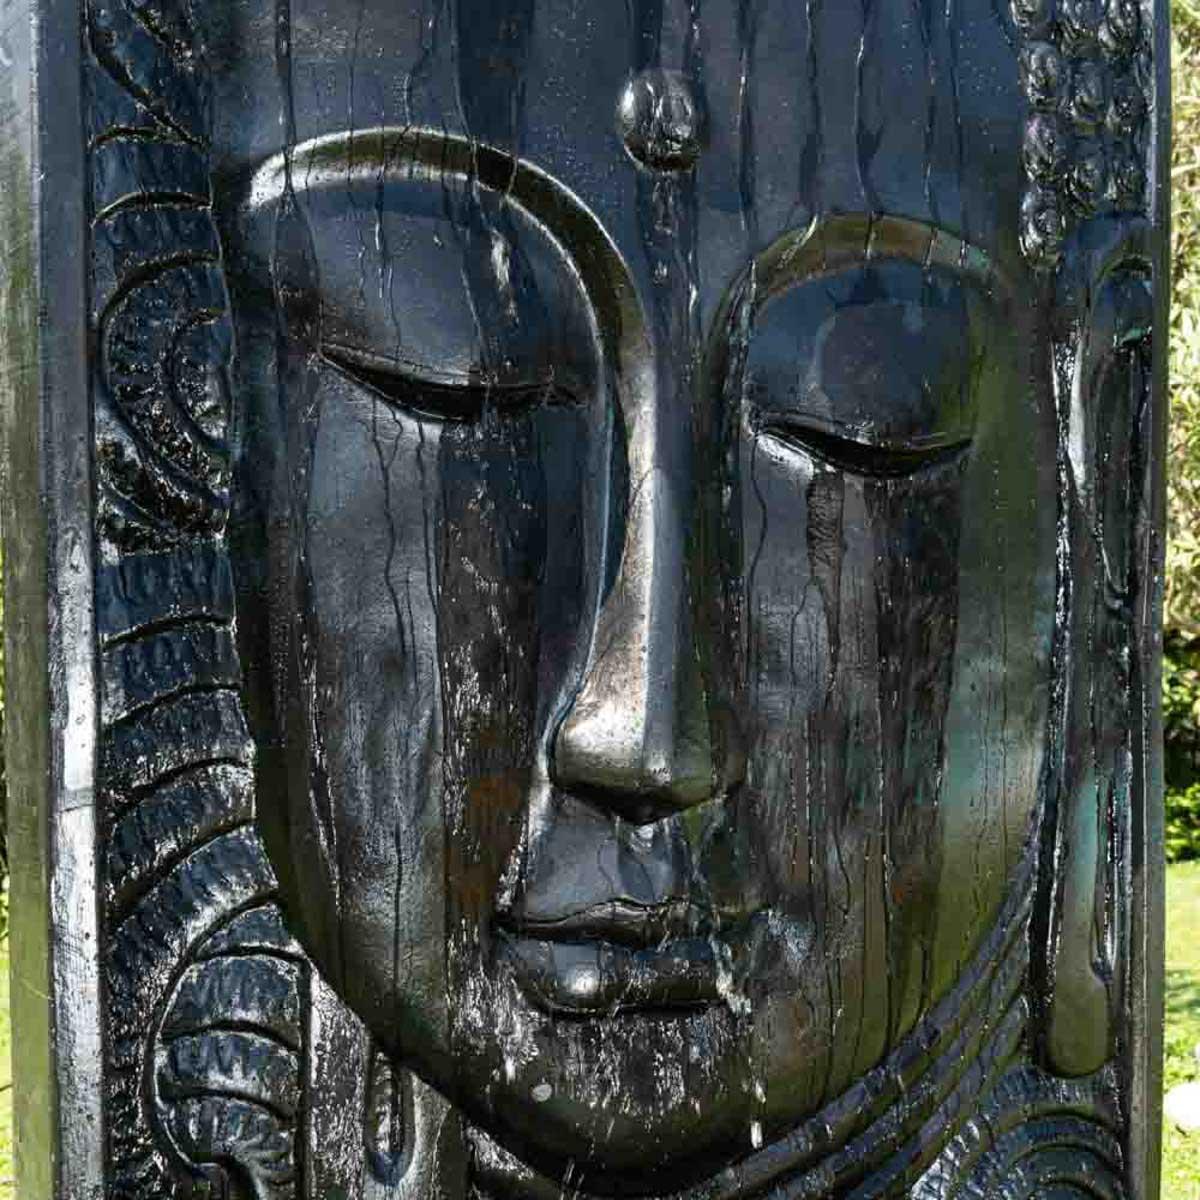 Fontaine Exterieur Bouddha mur d'eau : avec bassin, visage de bouddha, noir, h : 2 m 10